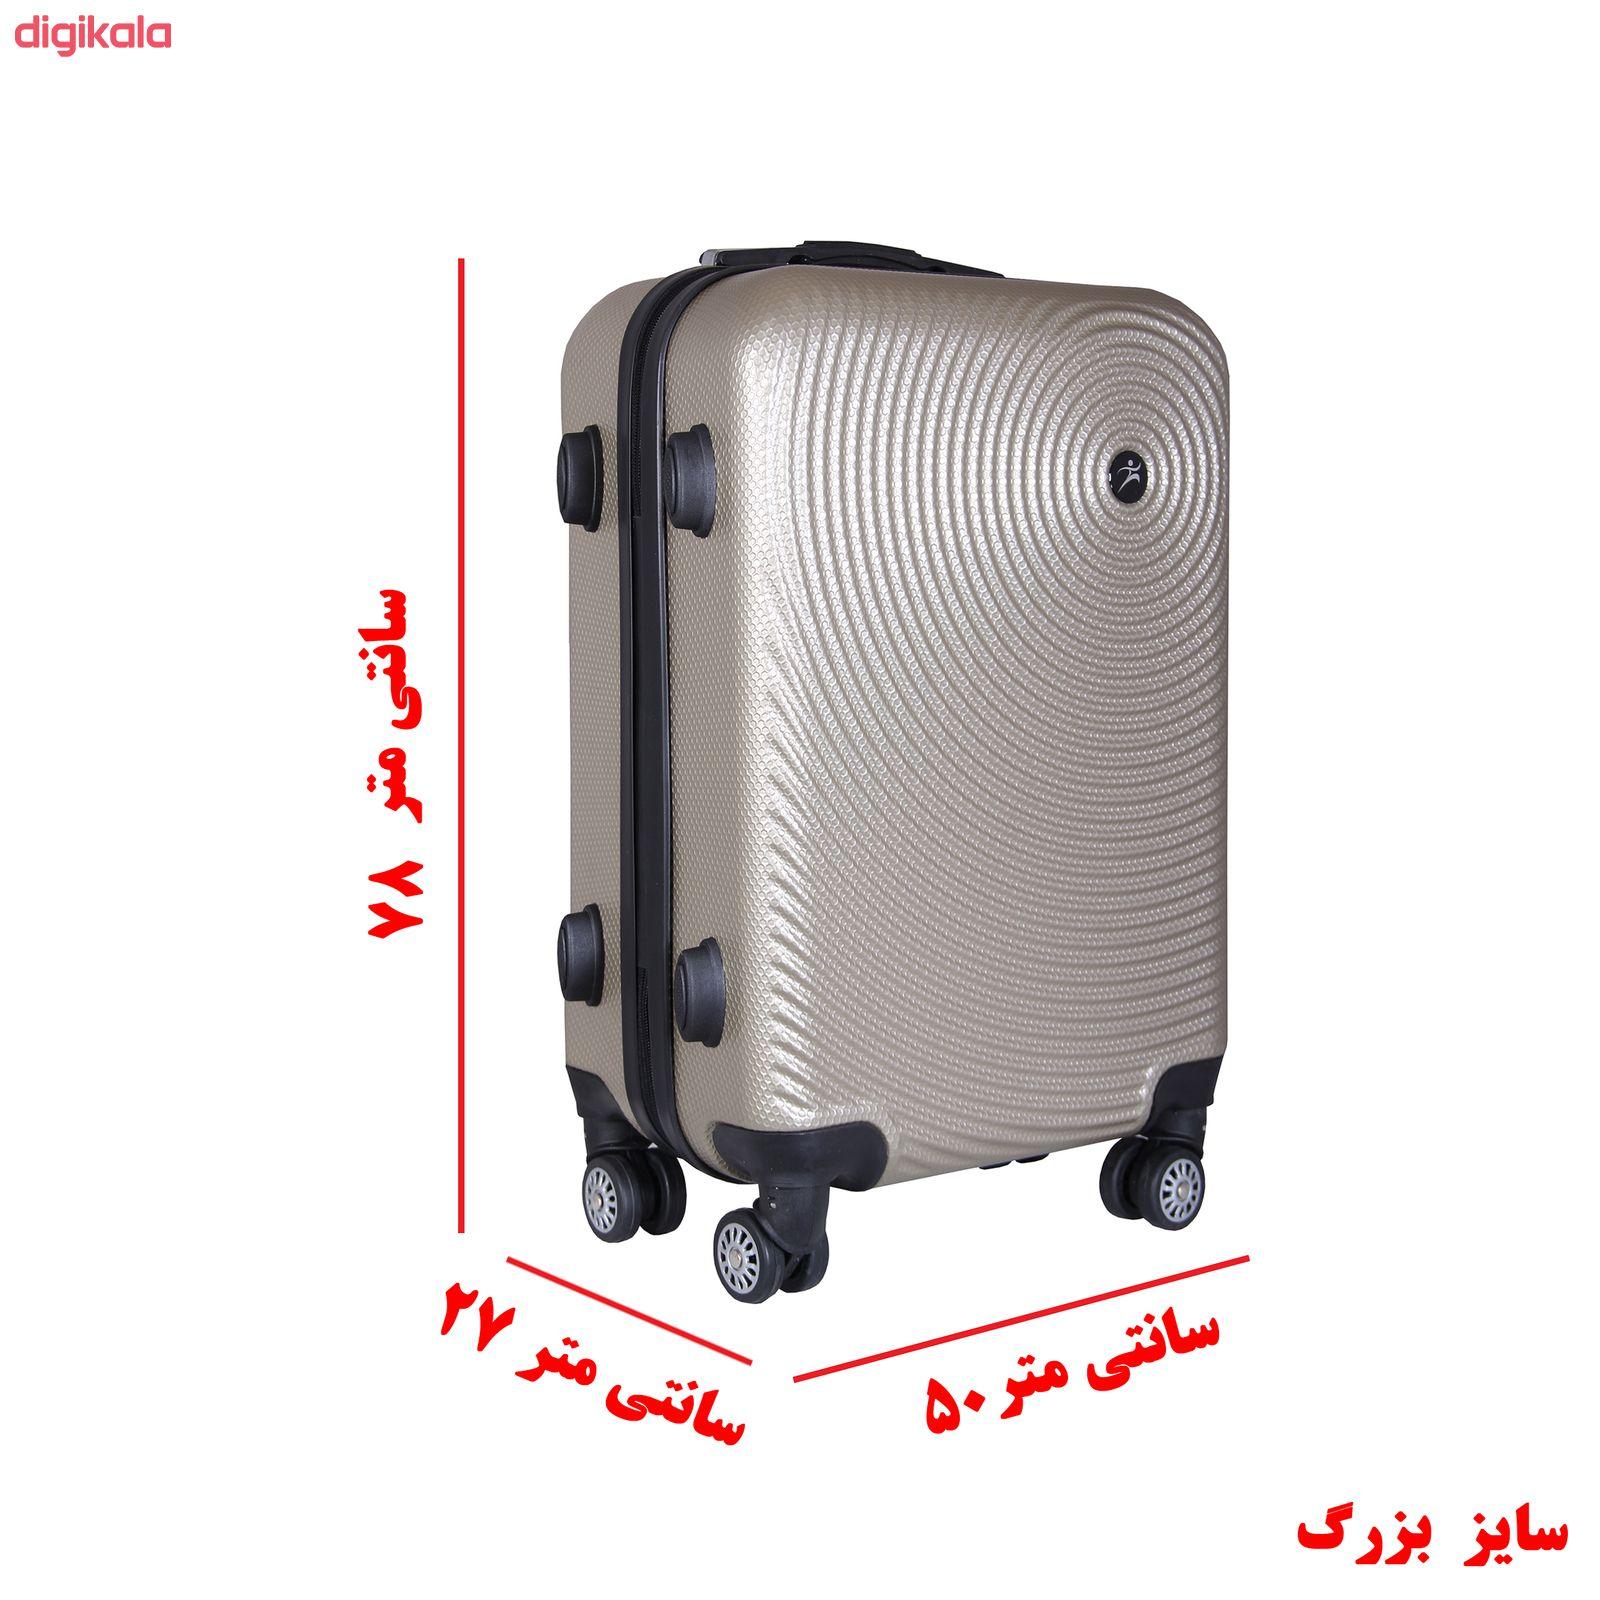 مجموعه چهار عددی چمدان اسپرت من مدل NS001 main 1 15